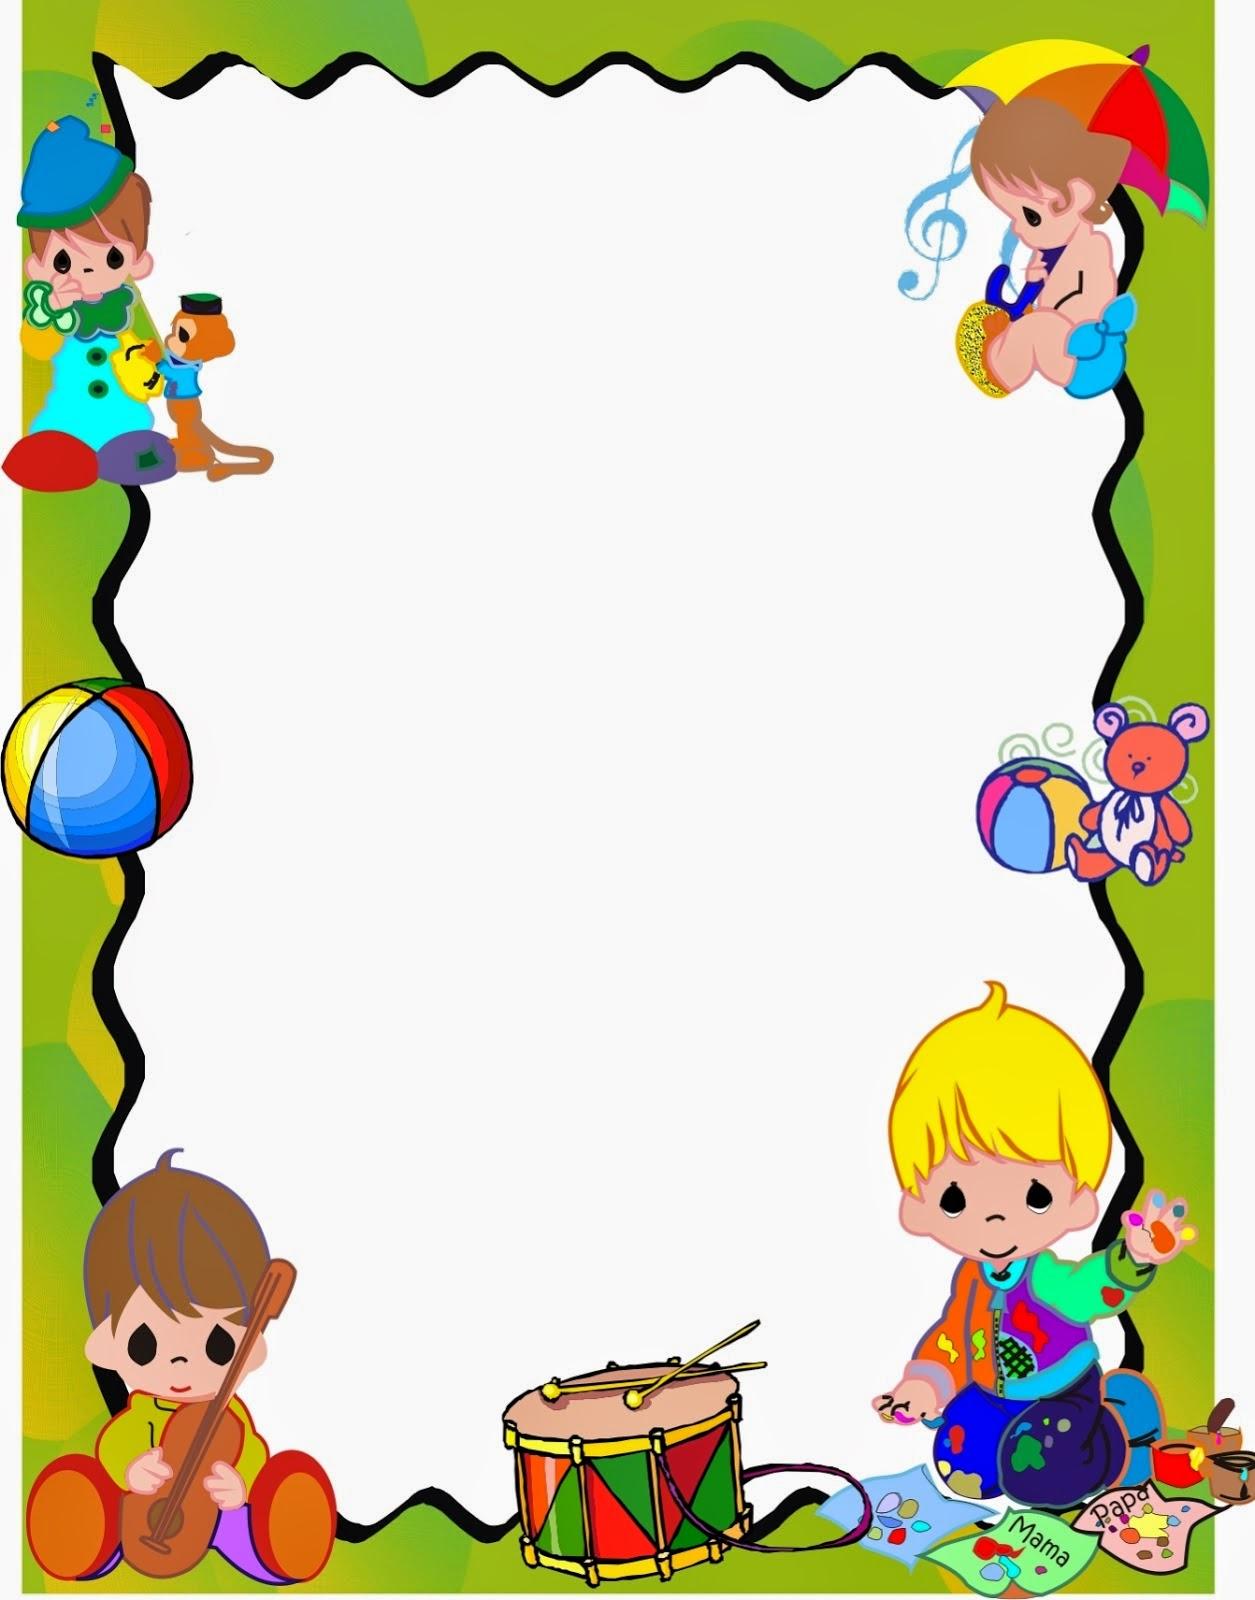 Imagenes para portadas de cuadernos - Dibujos en la pared infantiles ...